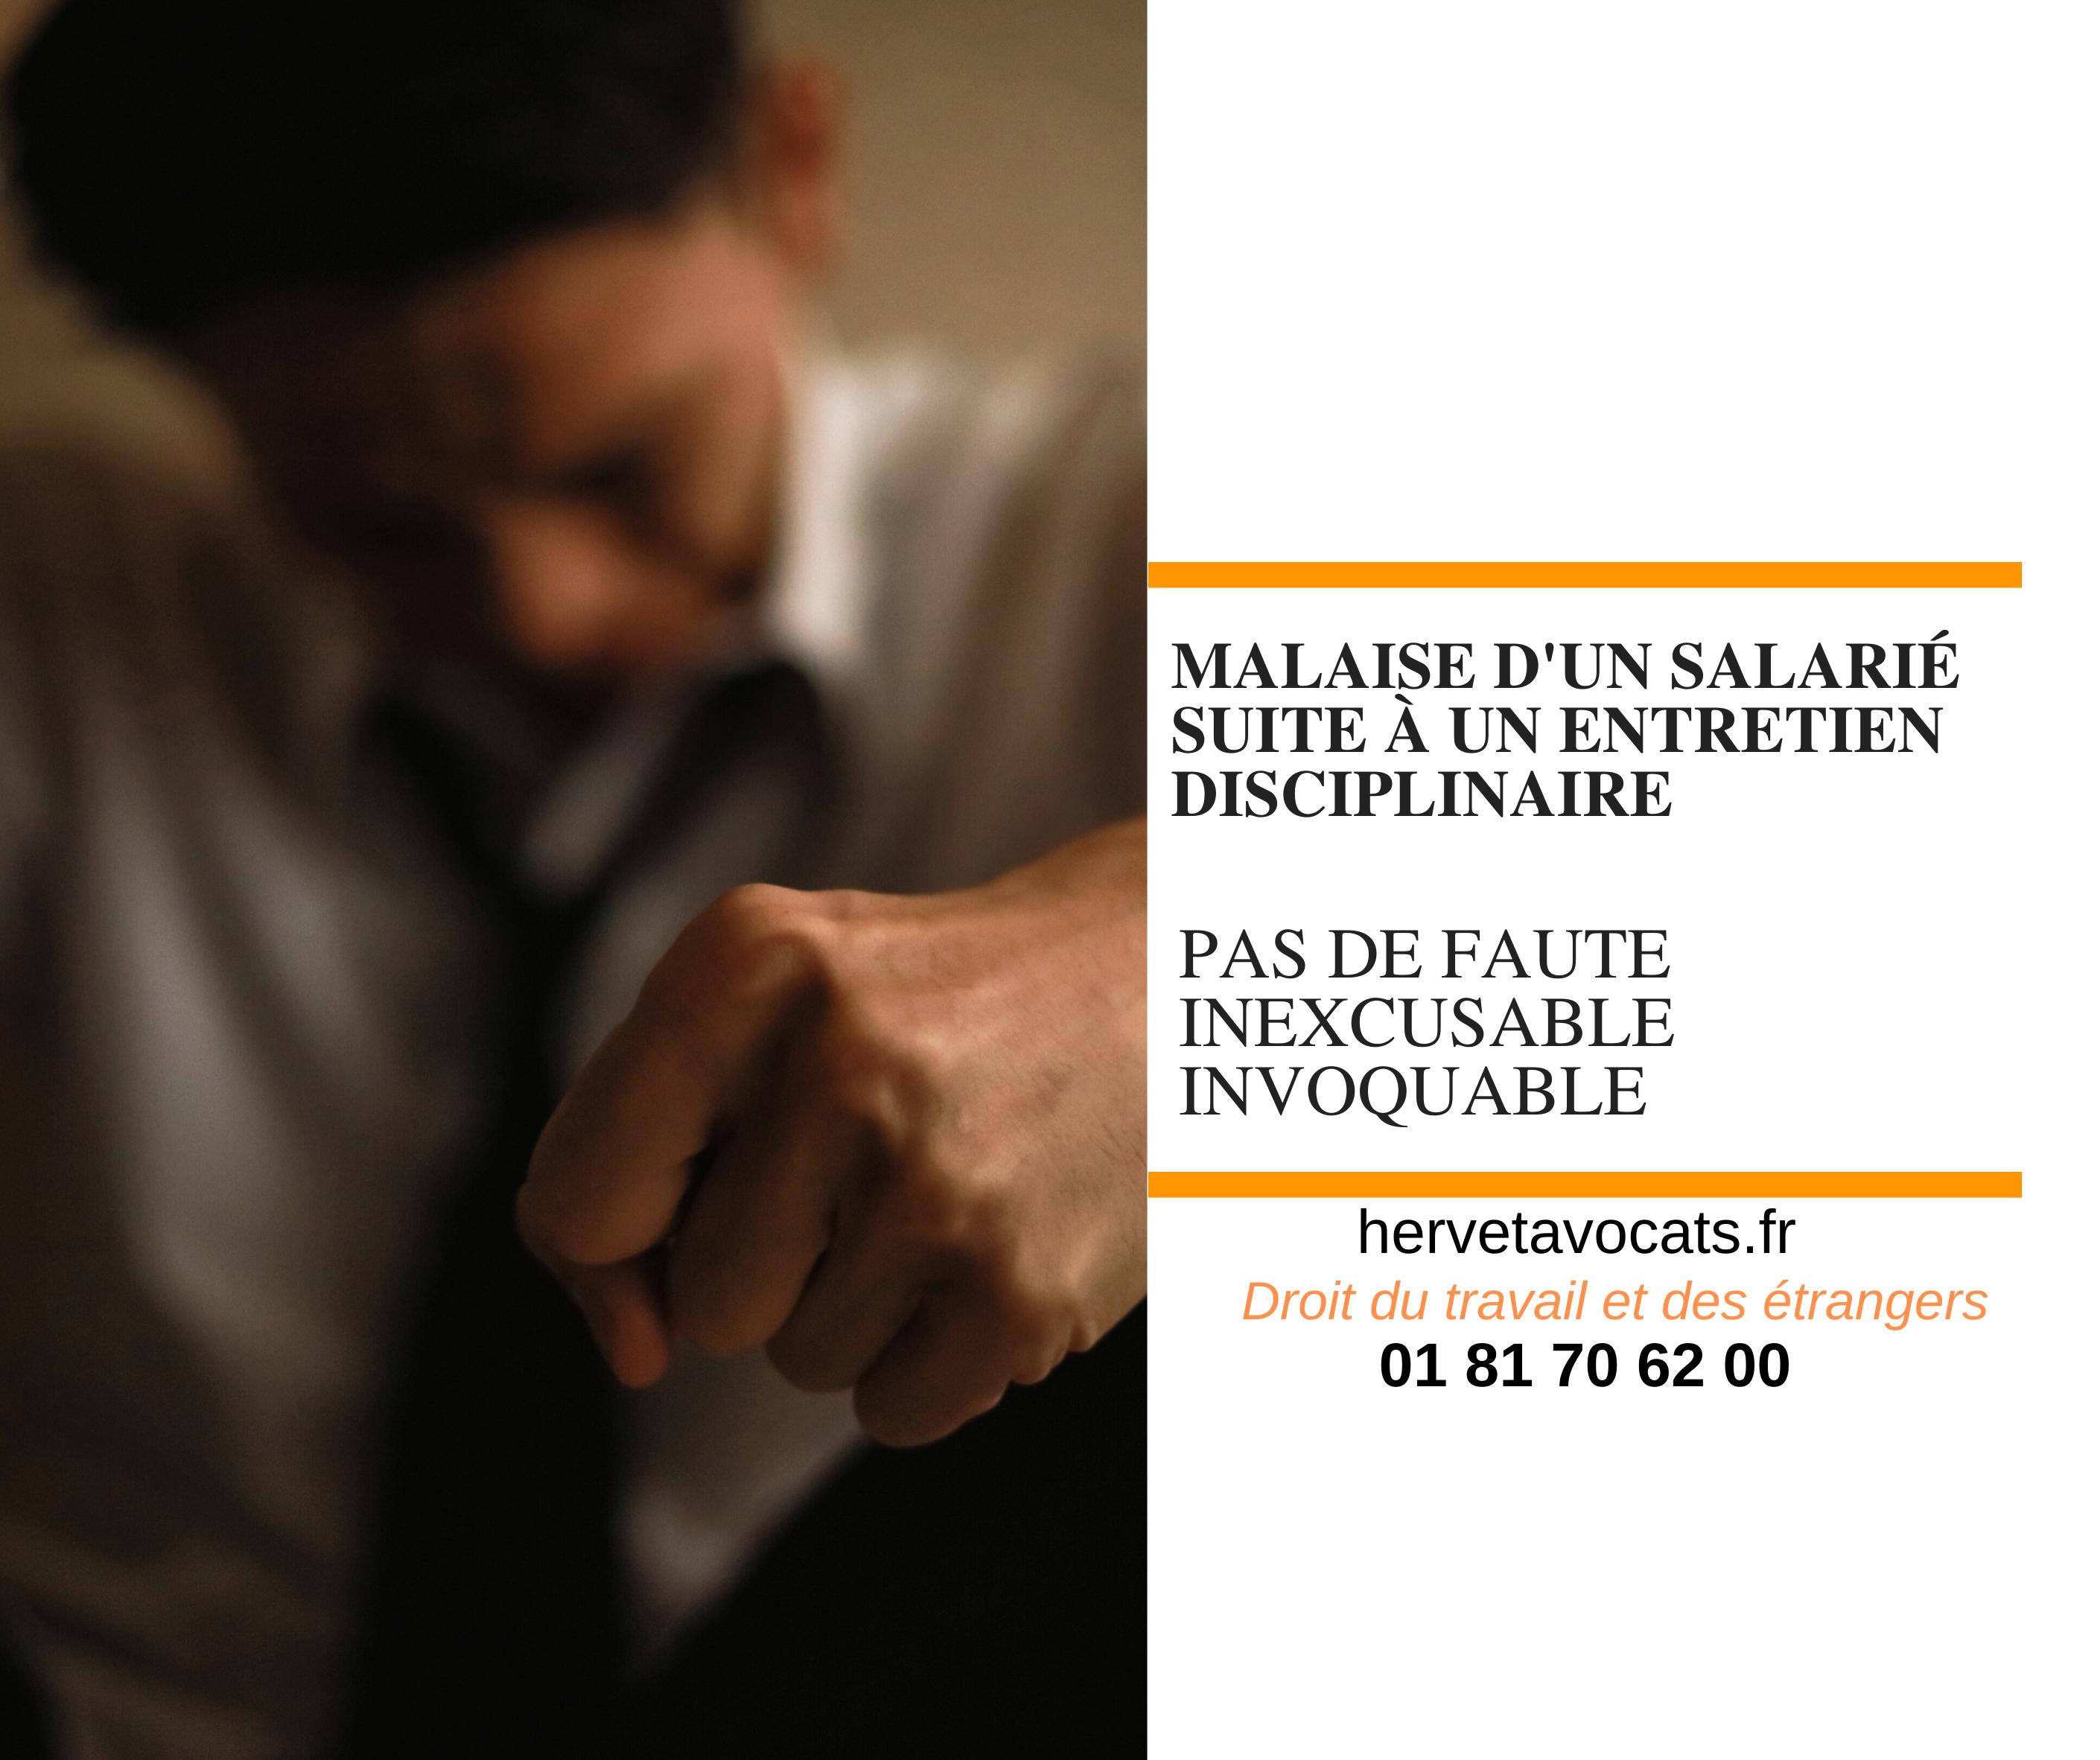 Le malaise du salarié à la suite d'un entretien disciplinaire ne permet pas d'invoquer la faute inexcusable